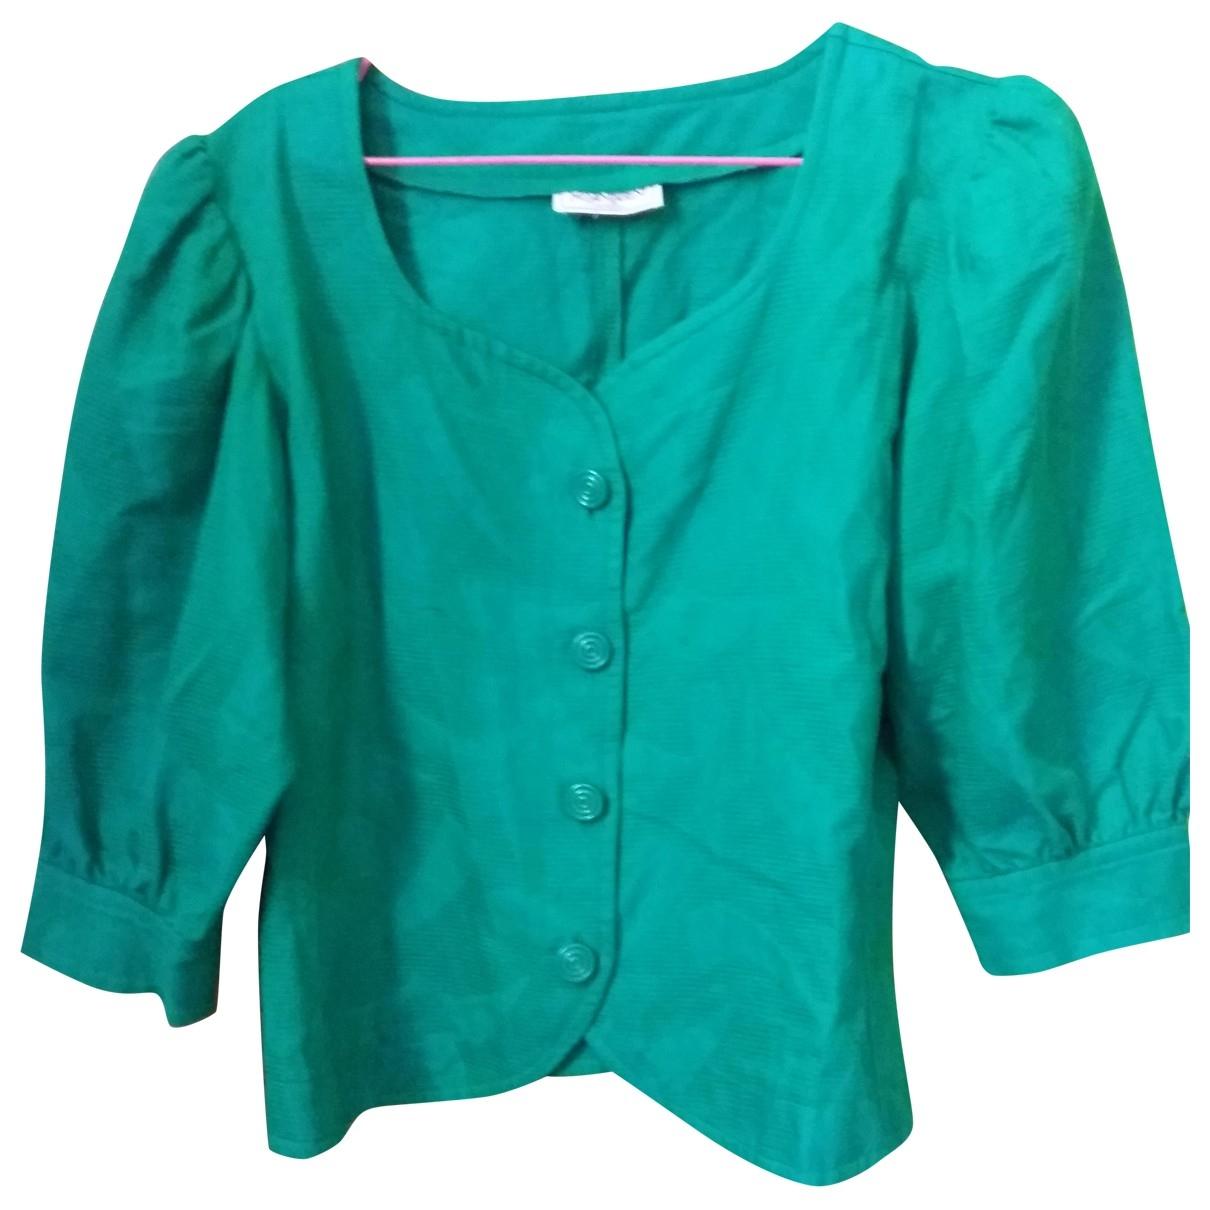 Yves Saint Laurent - Veste   pour femme en coton - vert